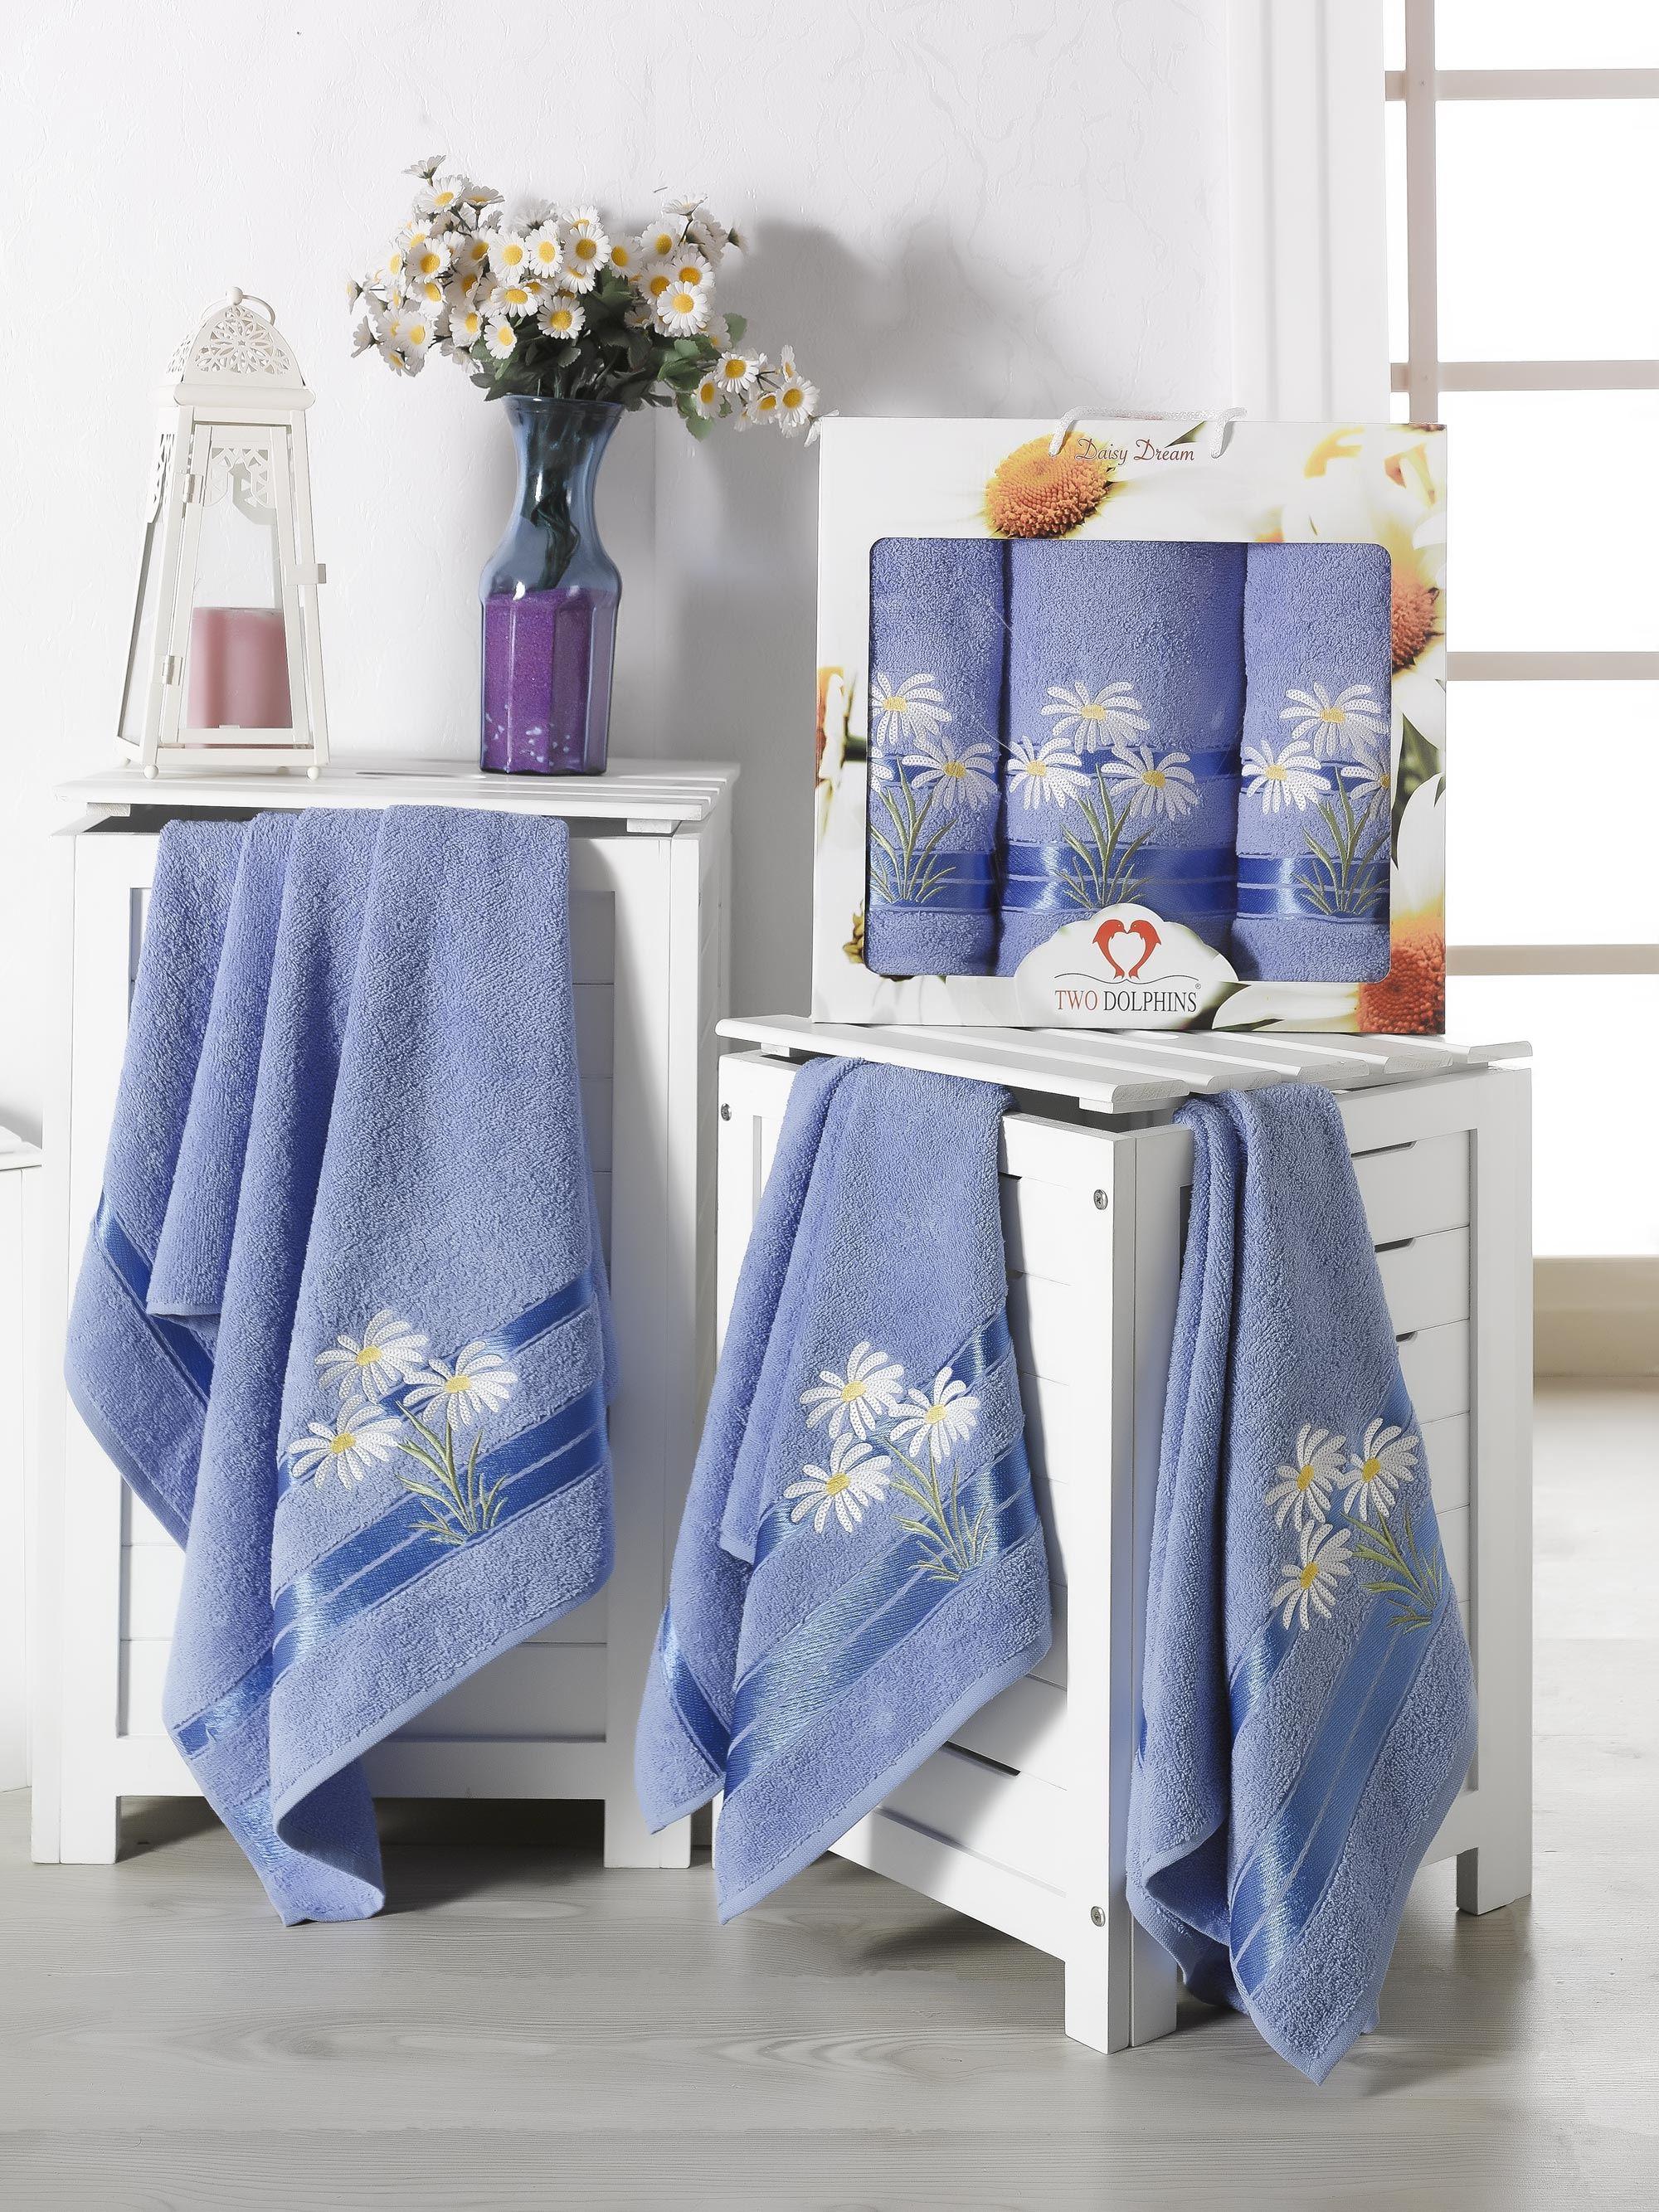 Купить Полотенца Two Dolphins, Полотенце Daisy Dream Цвет: Голубой (50х90 см - 2 шт, 70х140 см), Турция, Махра